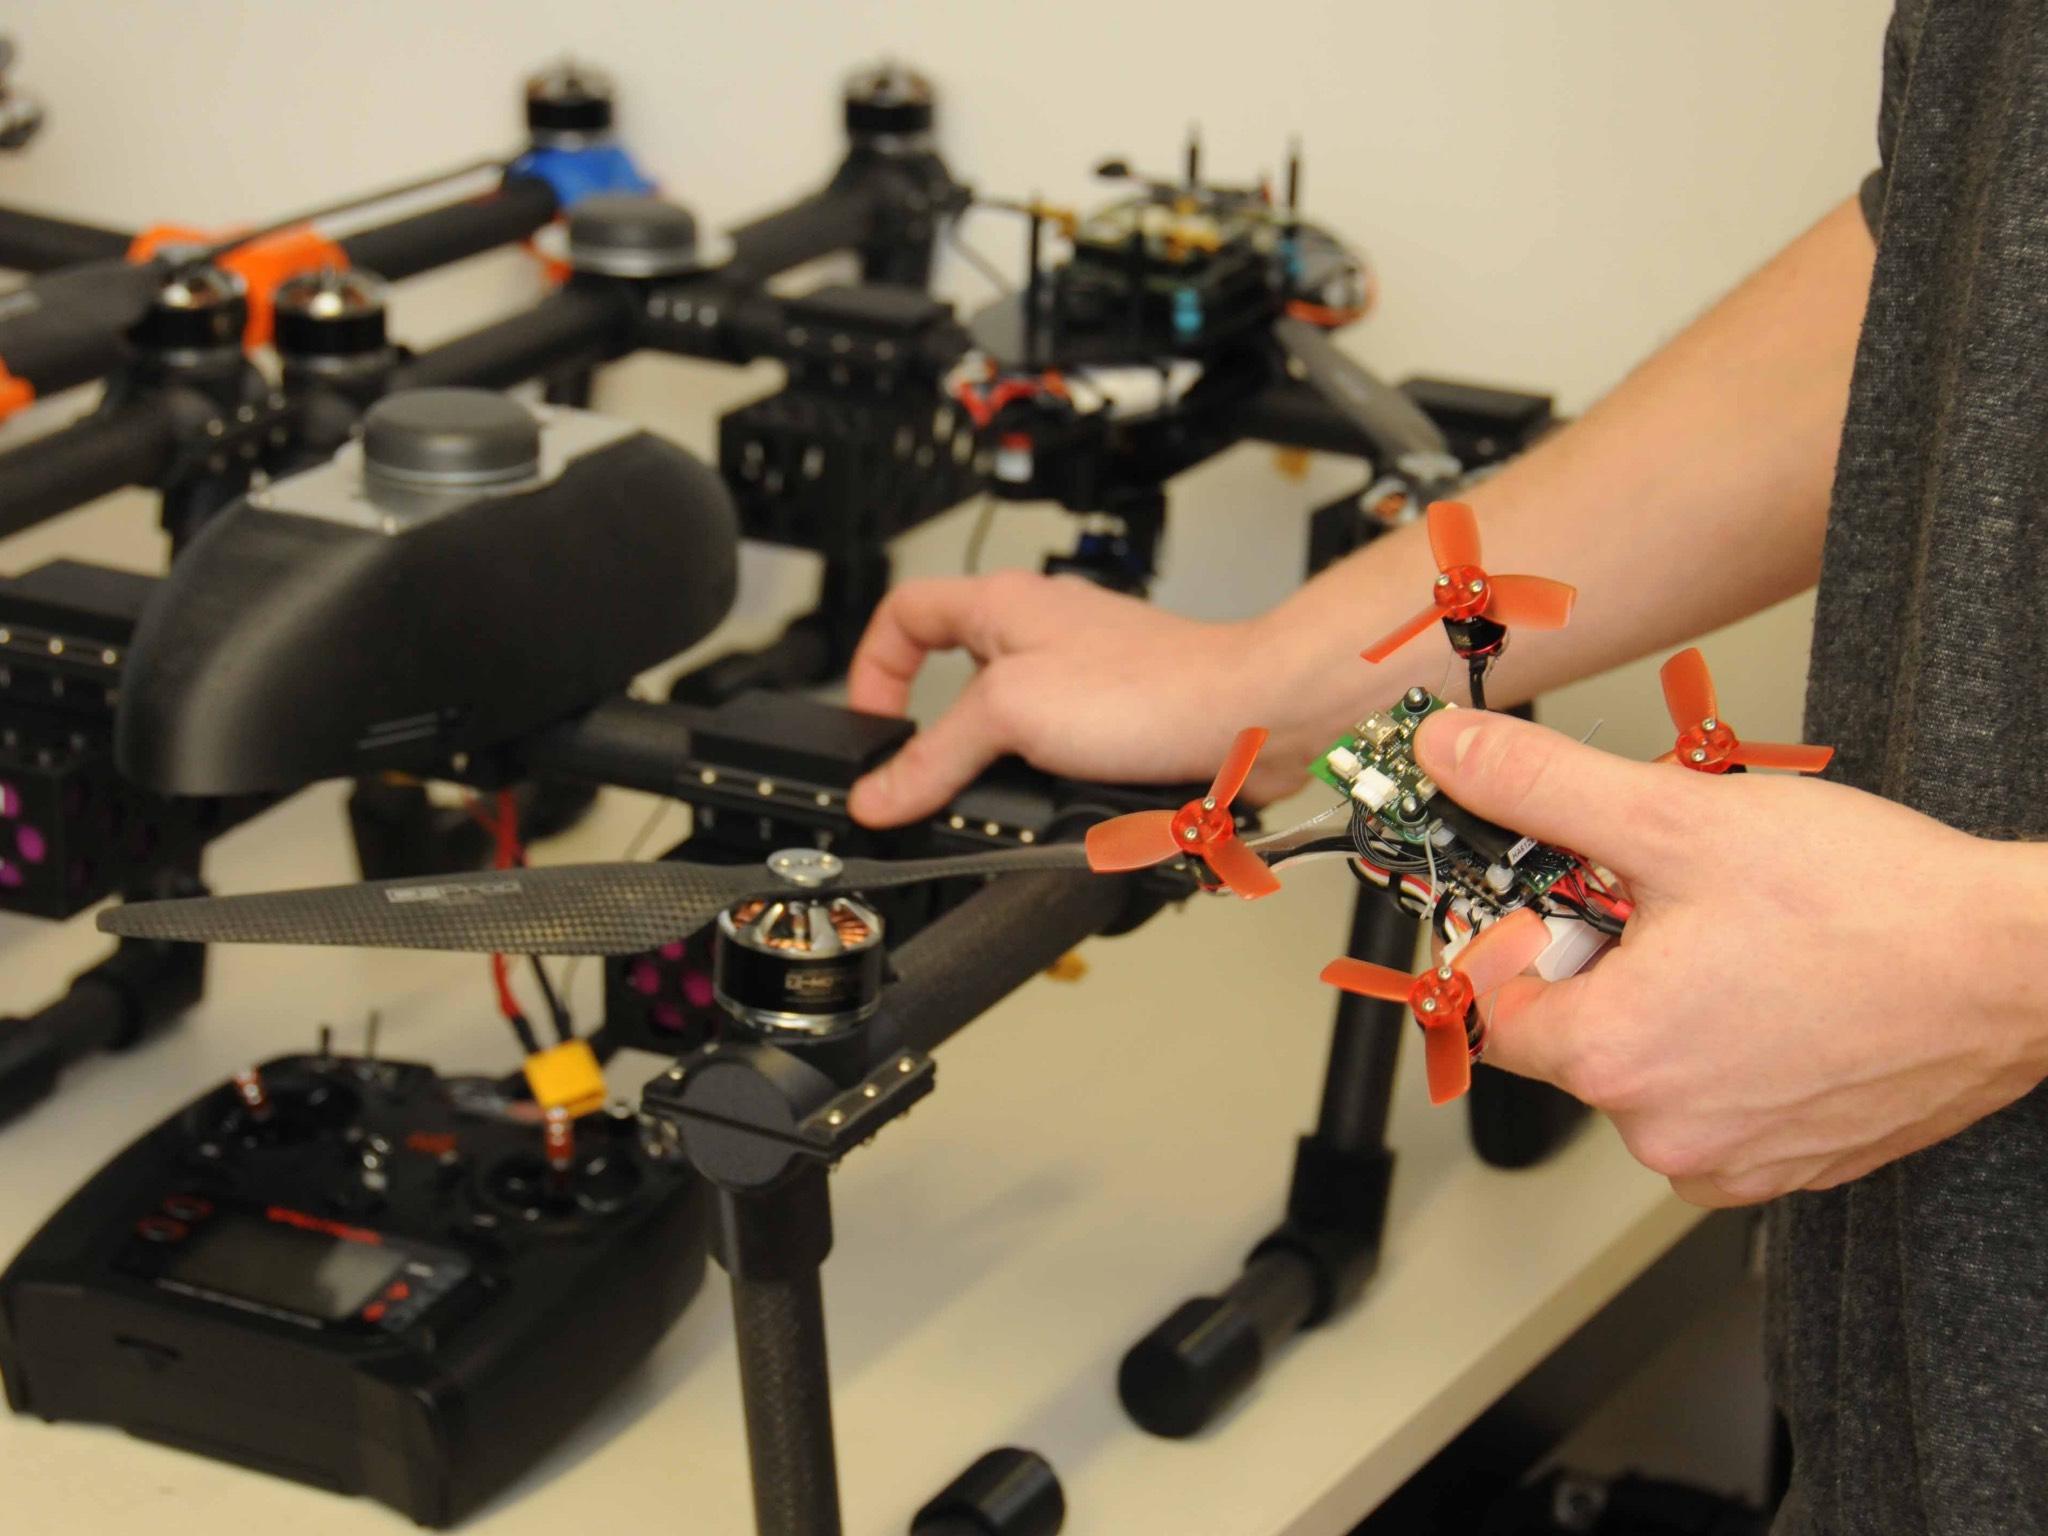 Mit Mikro-Drohnen üben die Wissenschaftler den Formationsflug. Im Hintergrund die Drohnen, die später zum Einsatz kommen sollen. Foto: Corinna Russow